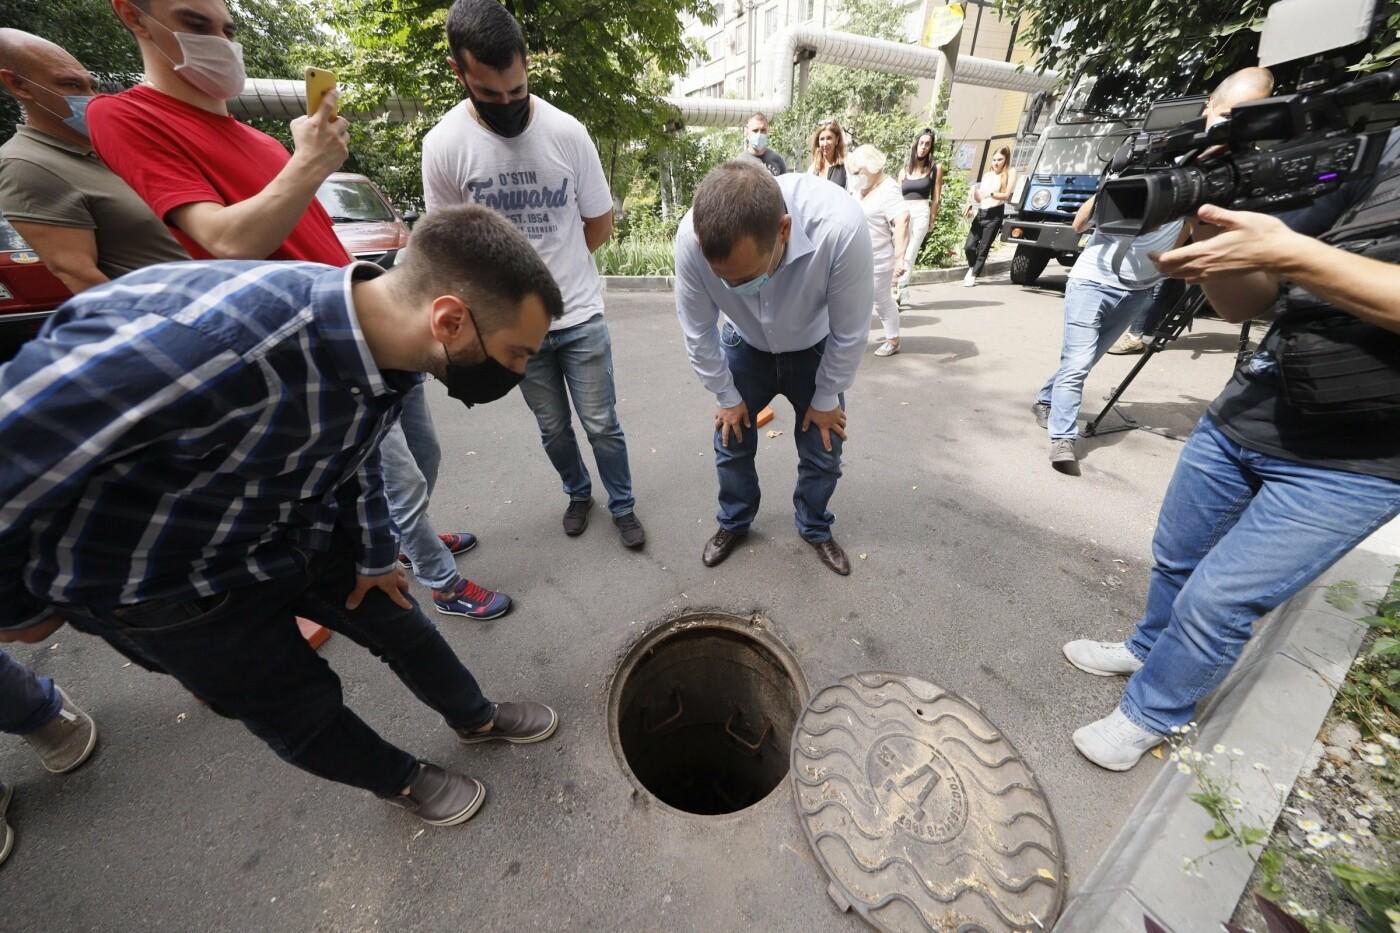 Борис Филатов: Контакт-центры Днепра являются передовой борьбой с коммунальными проблемами, фото-3